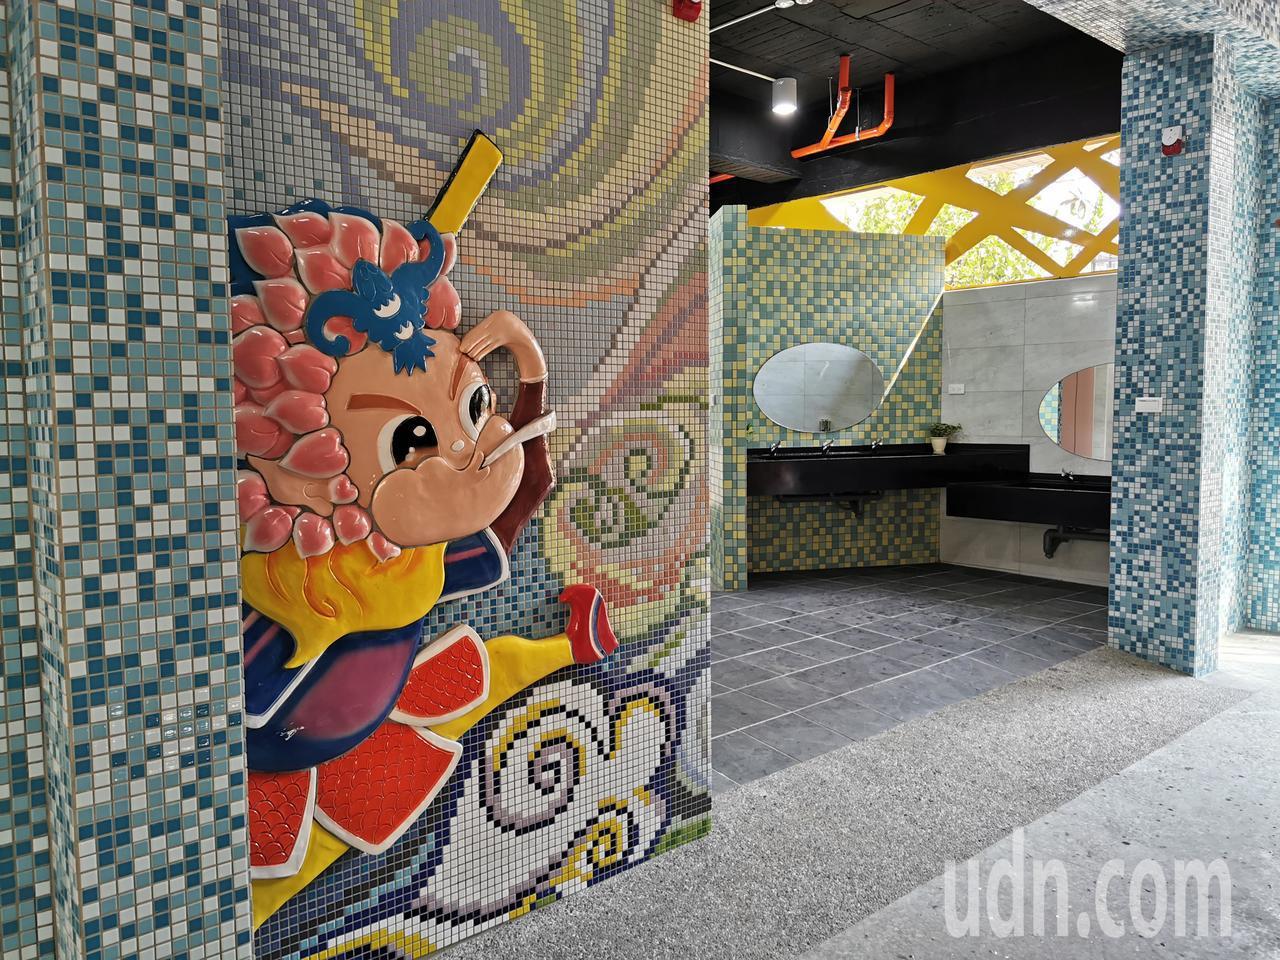 嘉義市崇文國小將老舊廁所整修,以交趾陶美化外牆。記者卜敏正/攝影